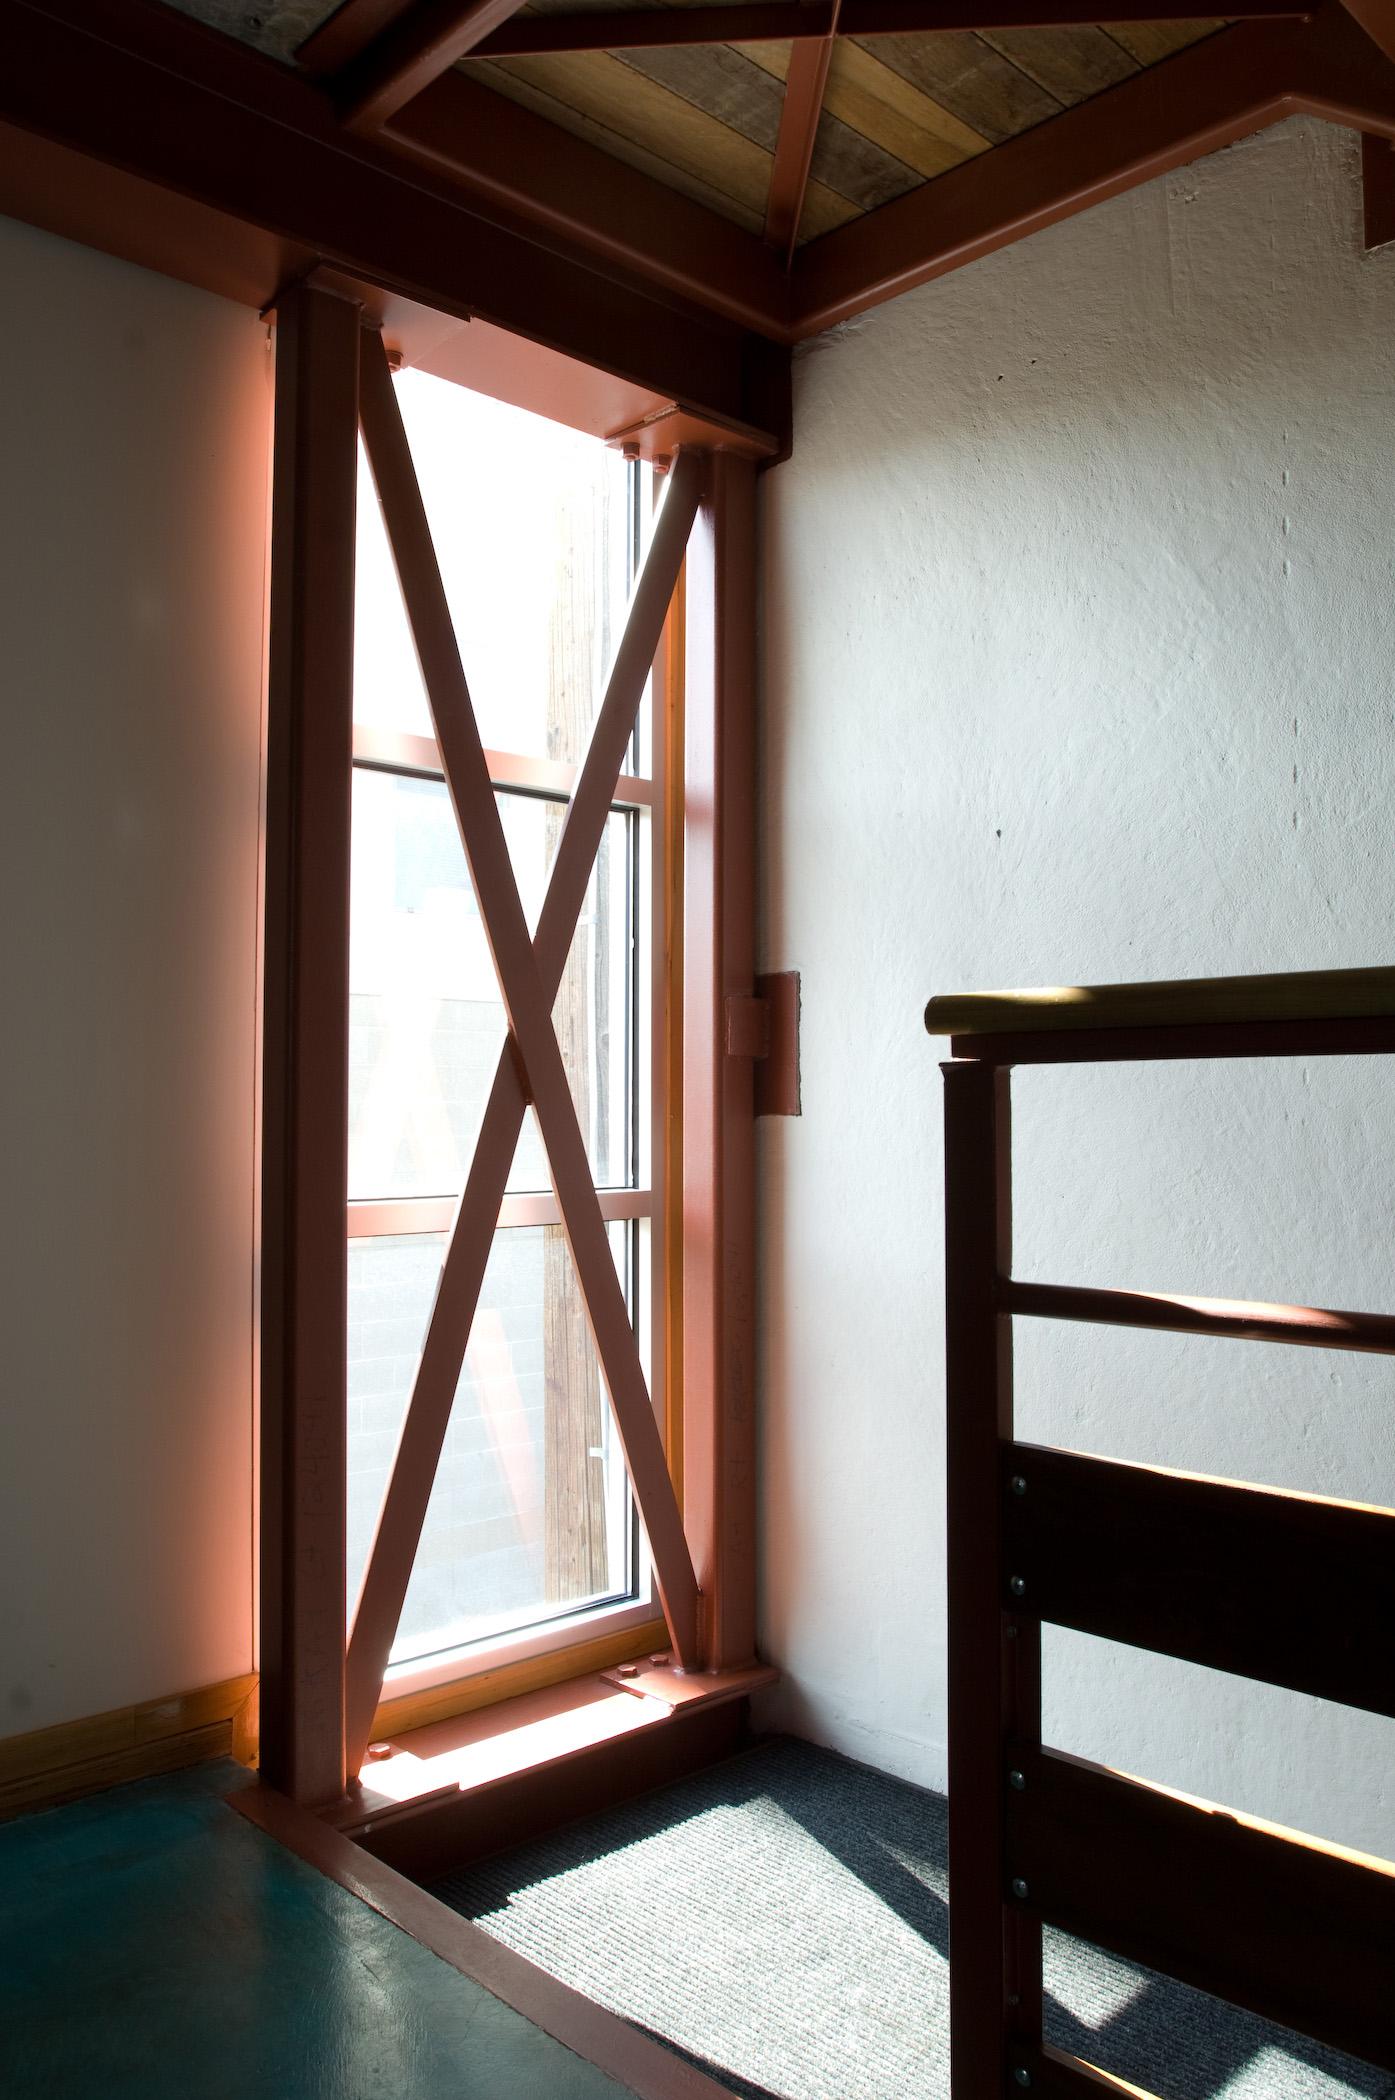 Window Detial